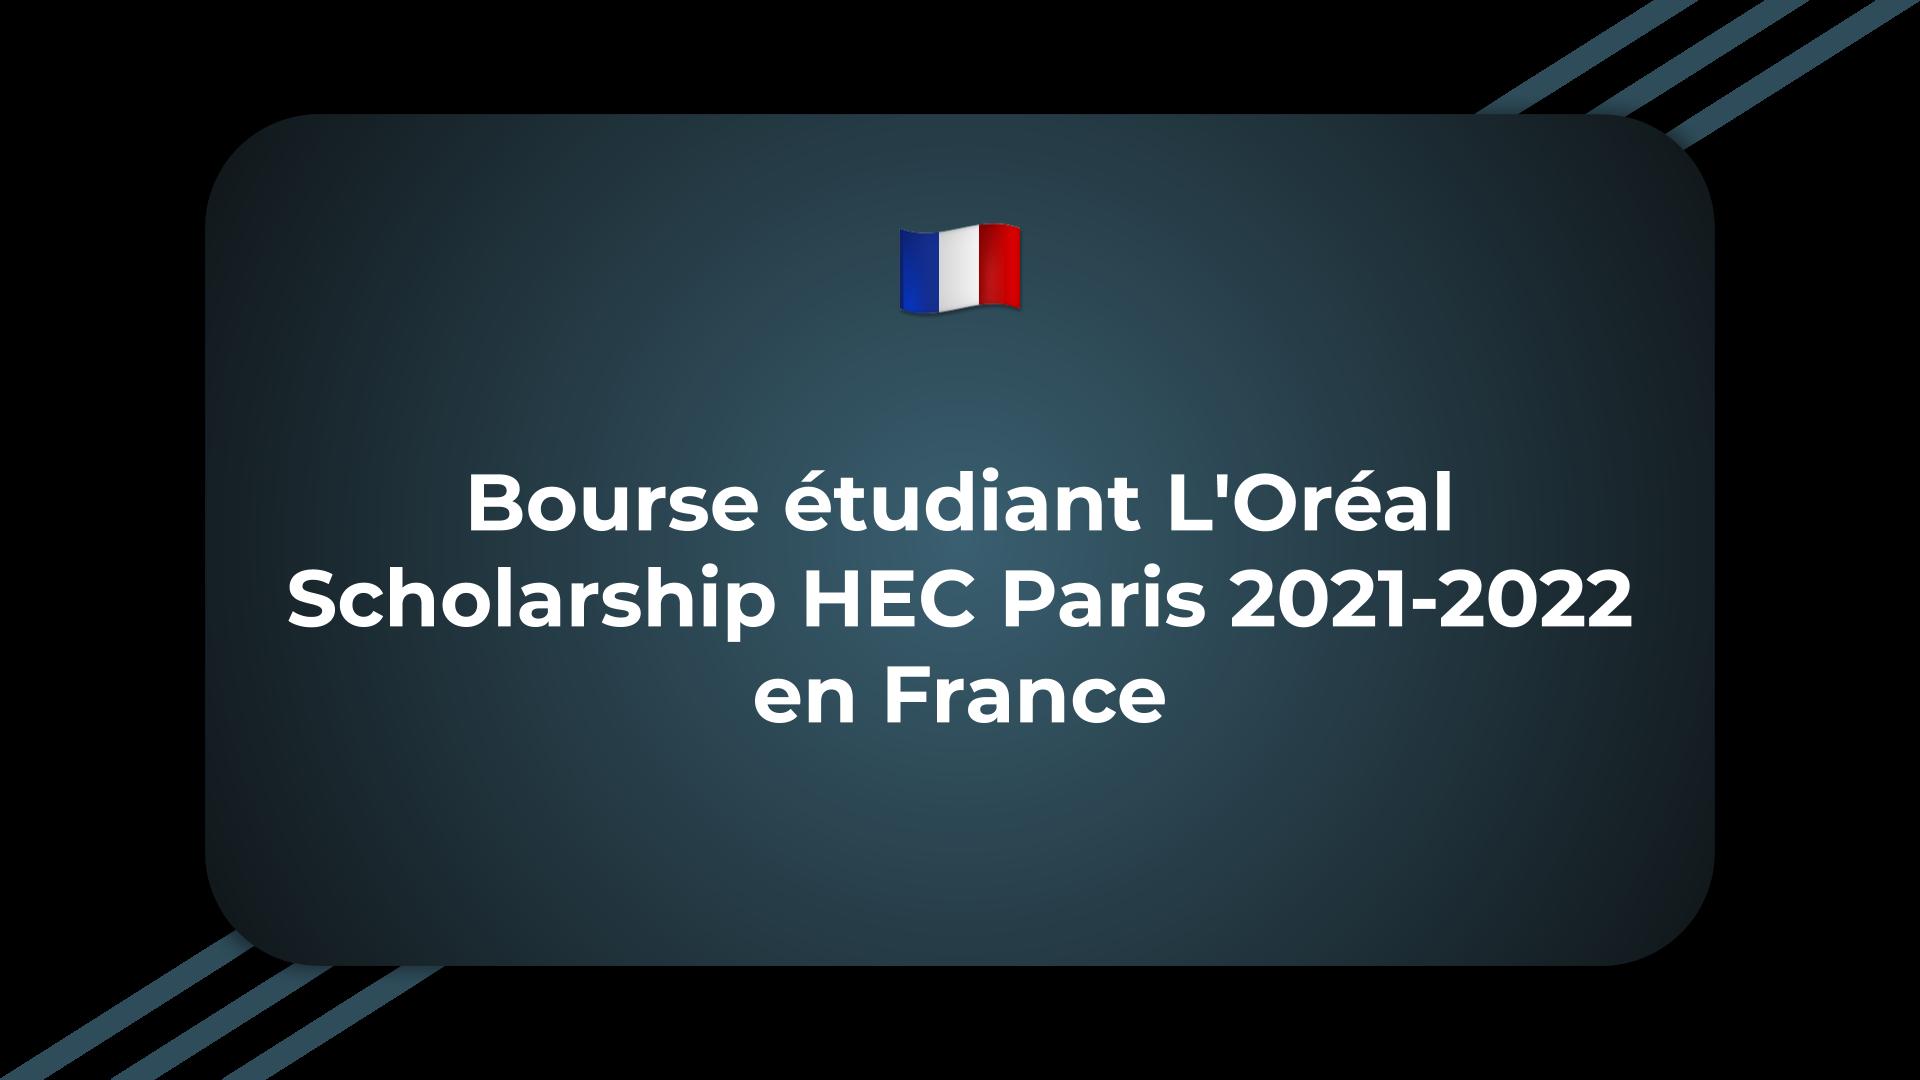 Bourse étudiant L'Oréal Scholarship HEC Paris